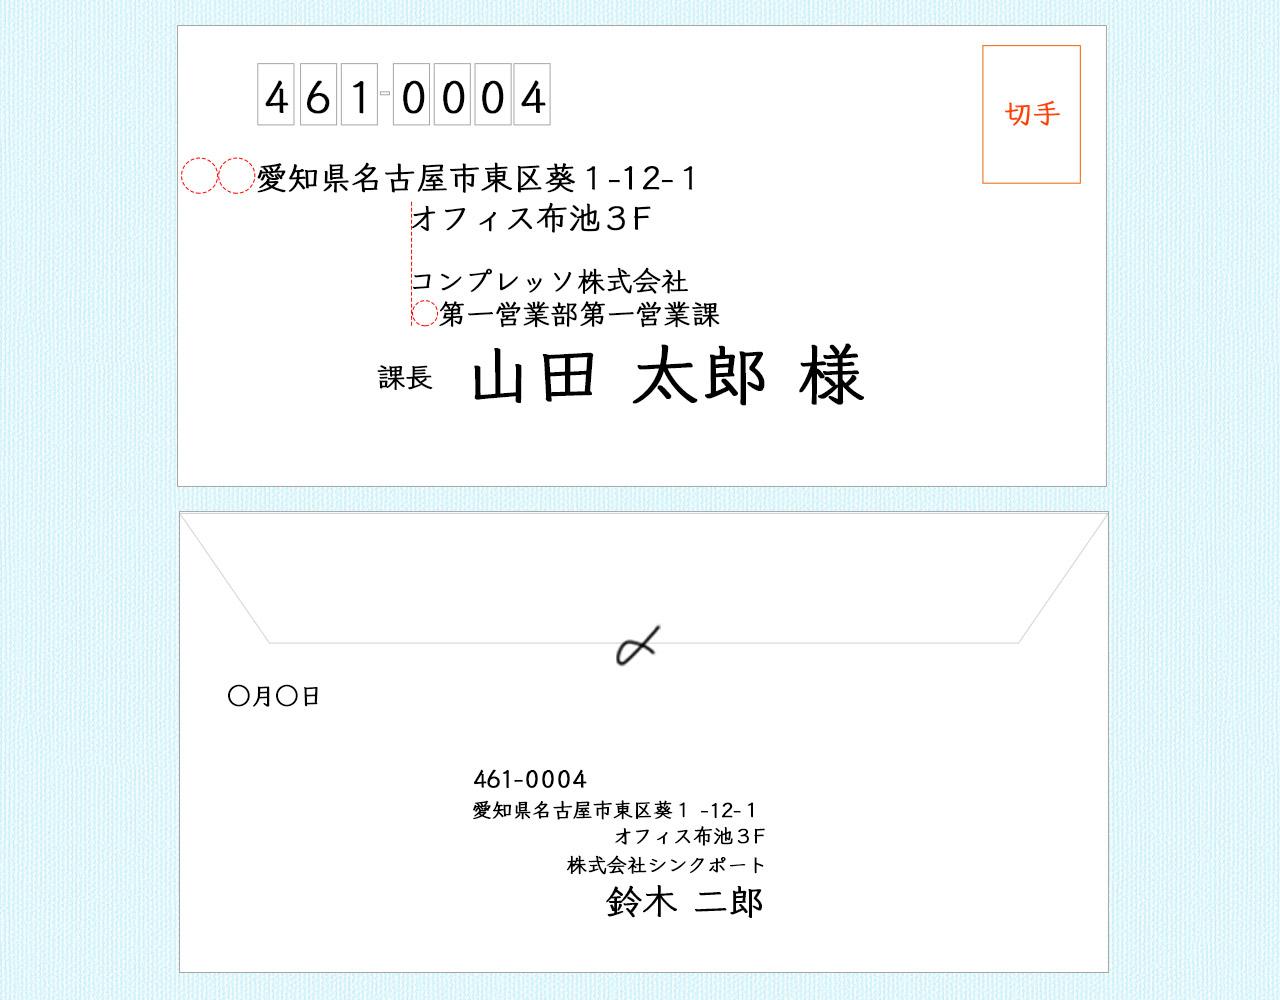 よこ書きの宛名と裏面の書き方イメージ@complesso.jp